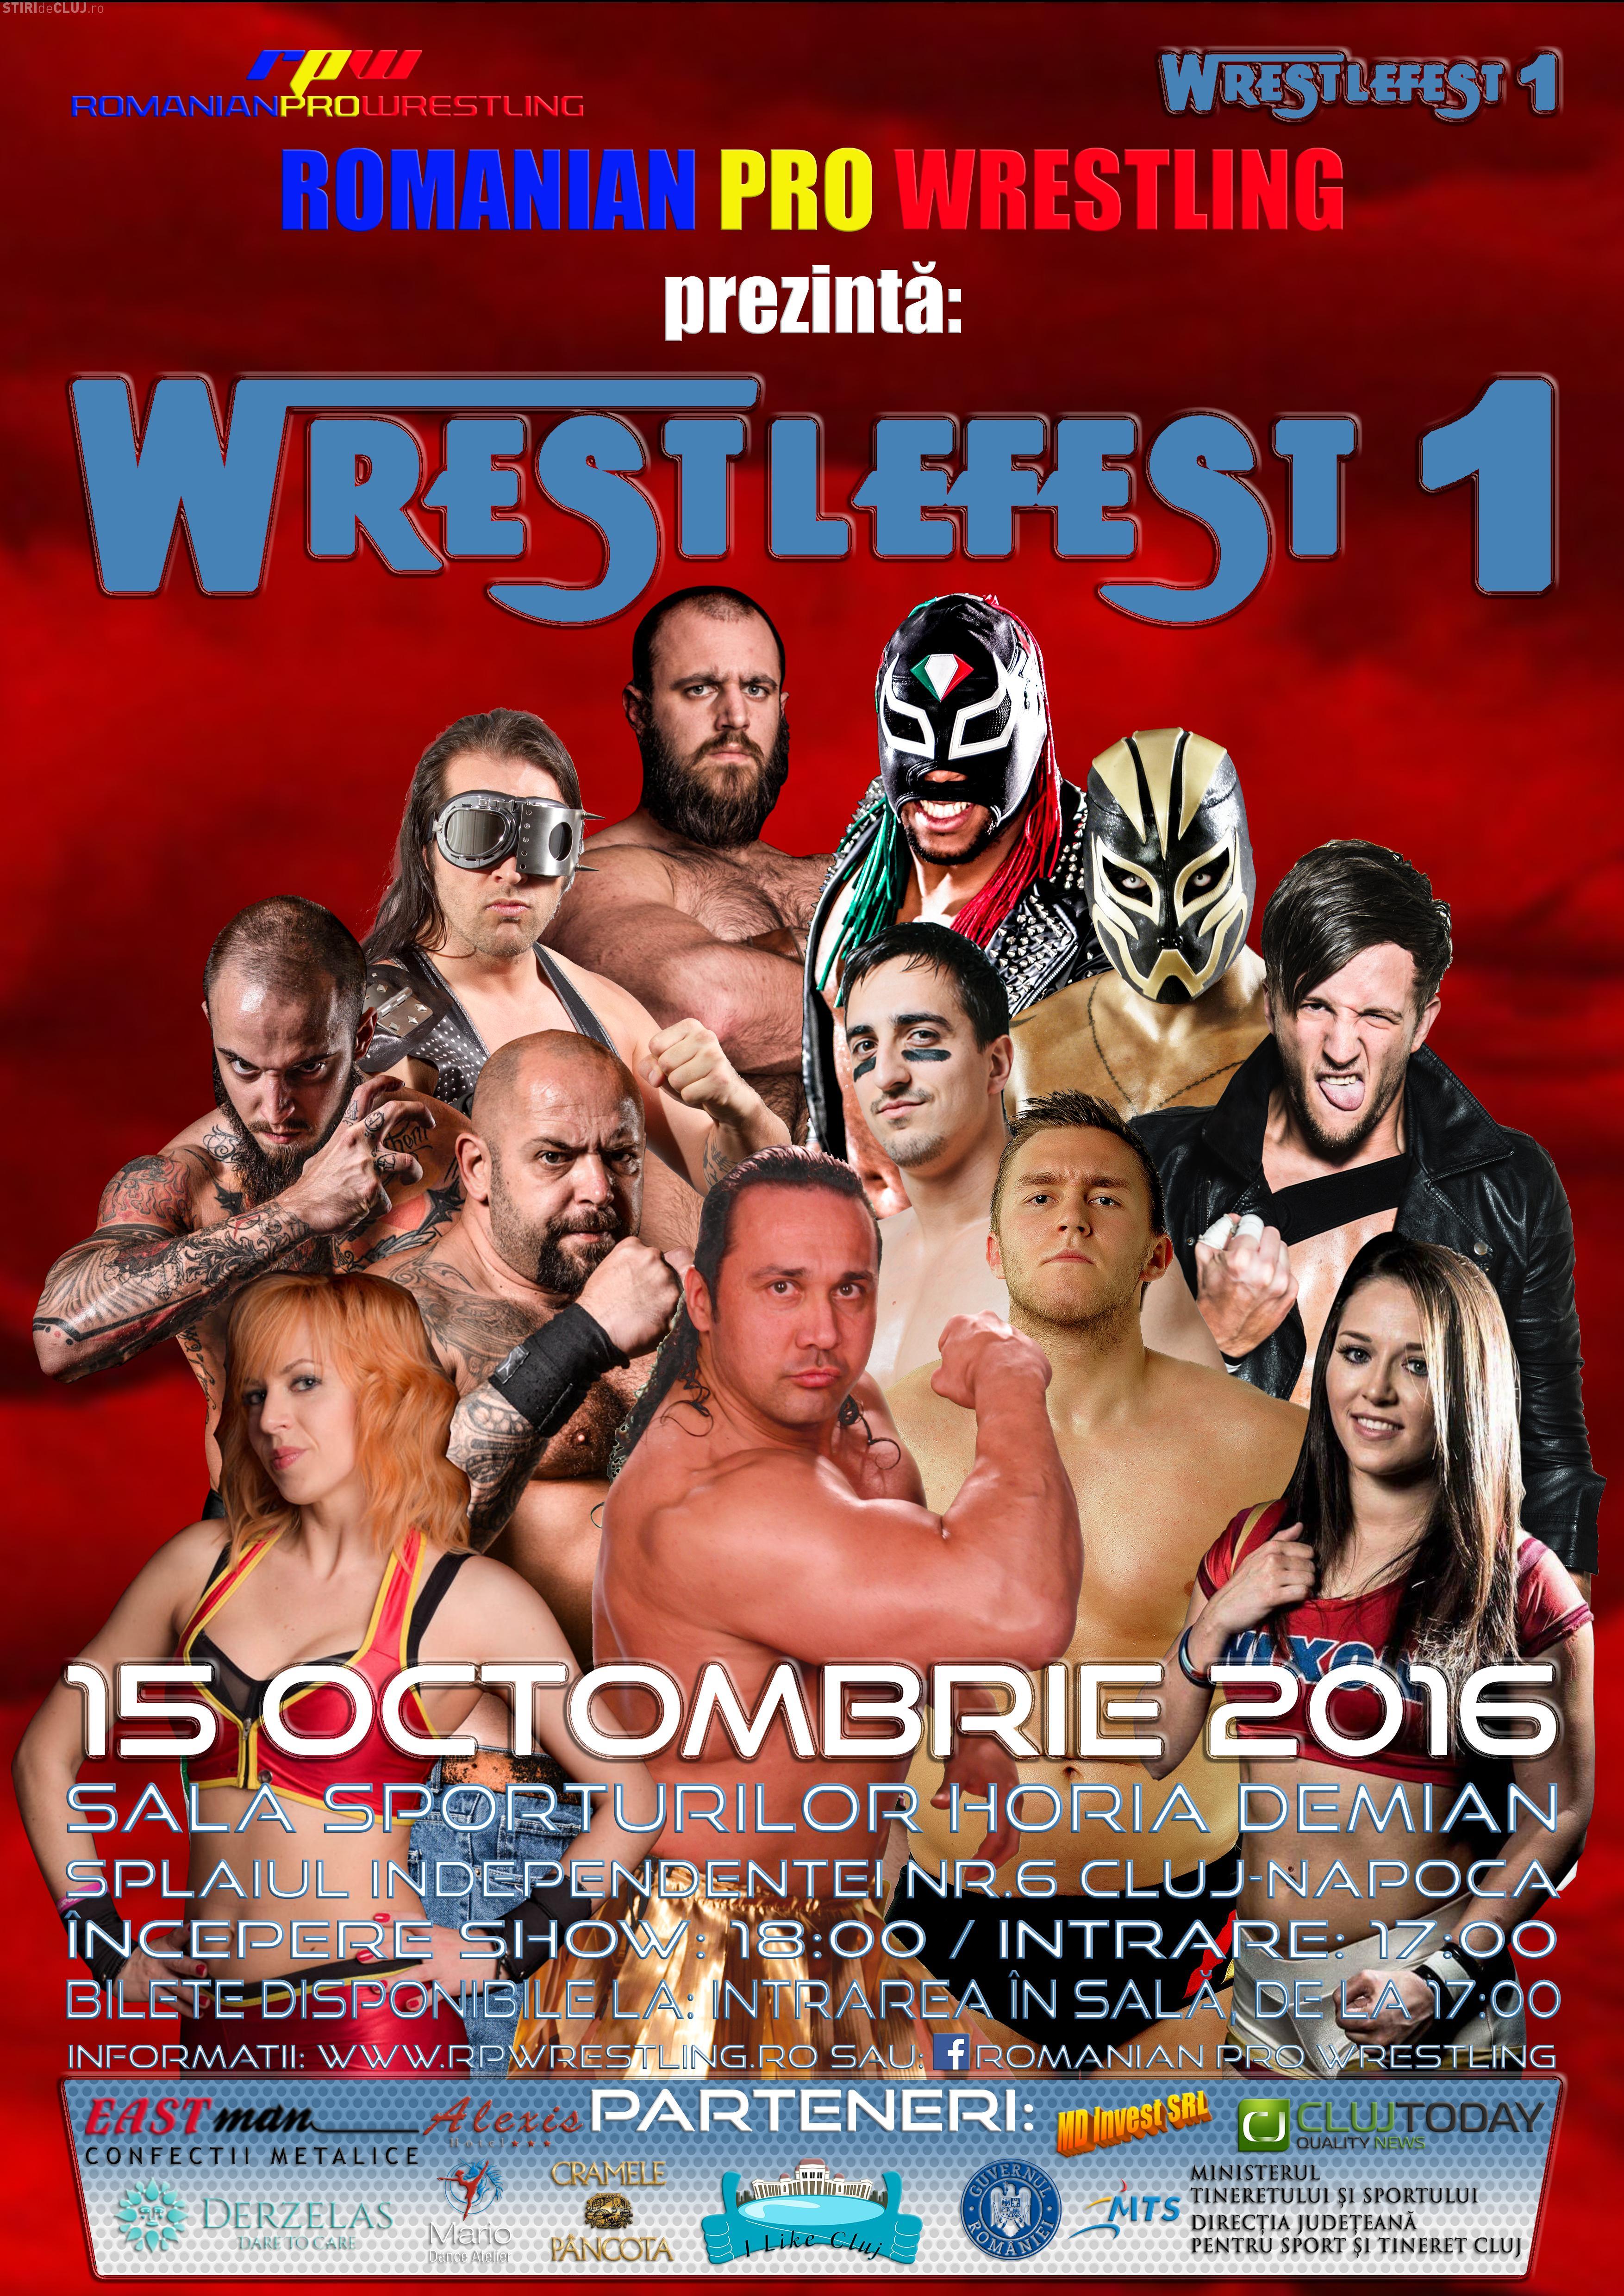 Gală de Wrestling la Cluj! Nume mari din toată Europa se vor lupta pentru centura Pro Wrestling